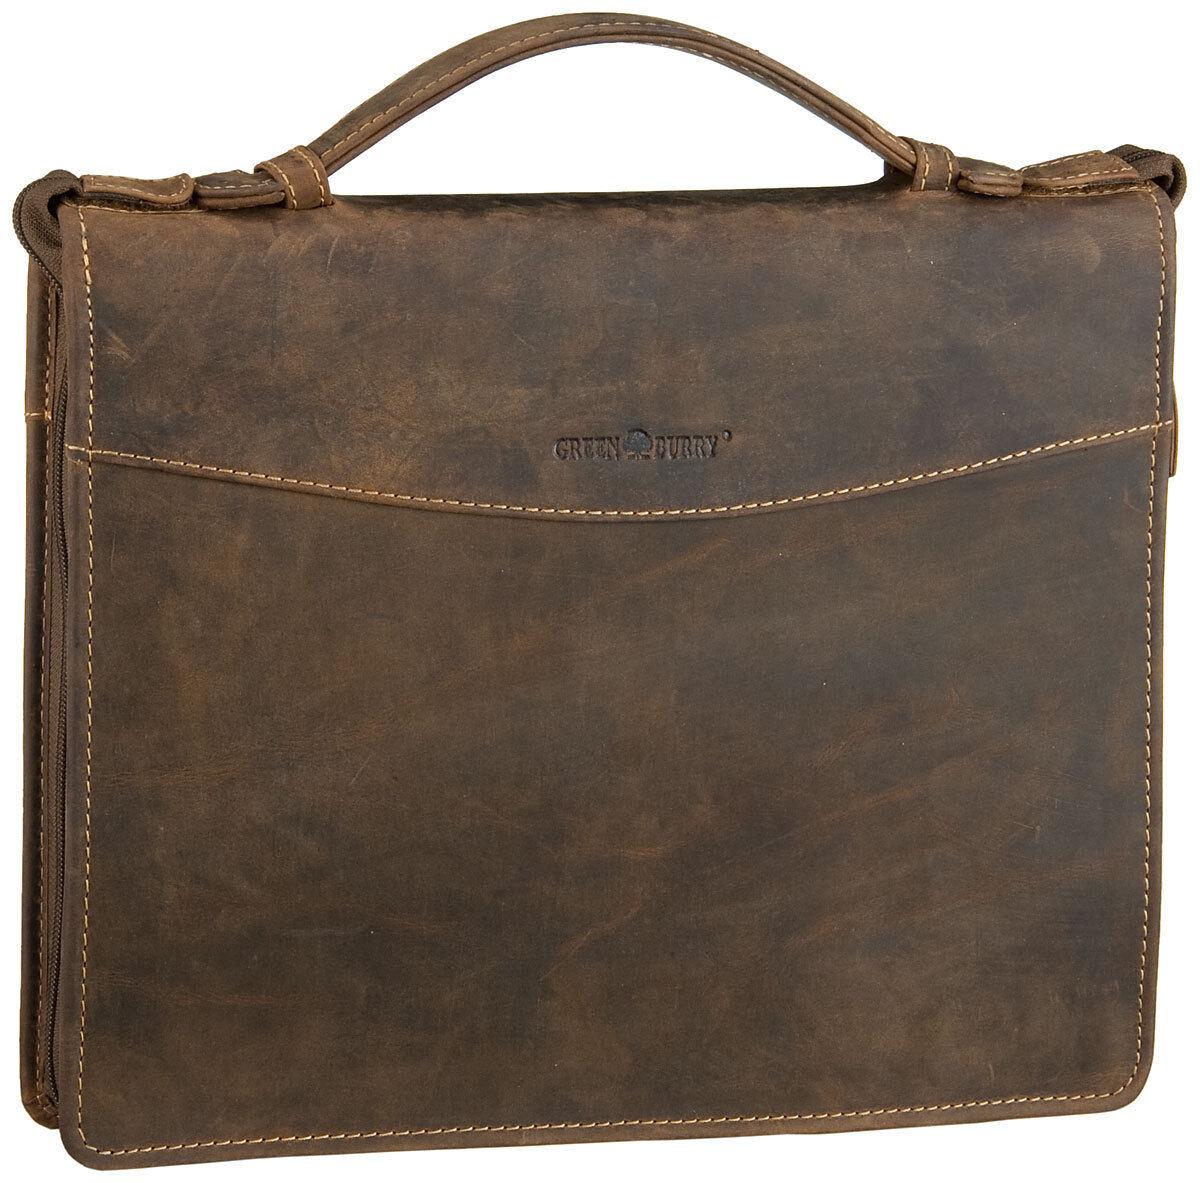 Grünburry Vintage A4 Ringmappe Schreibmappe Leder Herren Aktenmappe Business | Fein Verarbeitet  | Hohe Qualität und geringer Aufwand  | Vielfalt